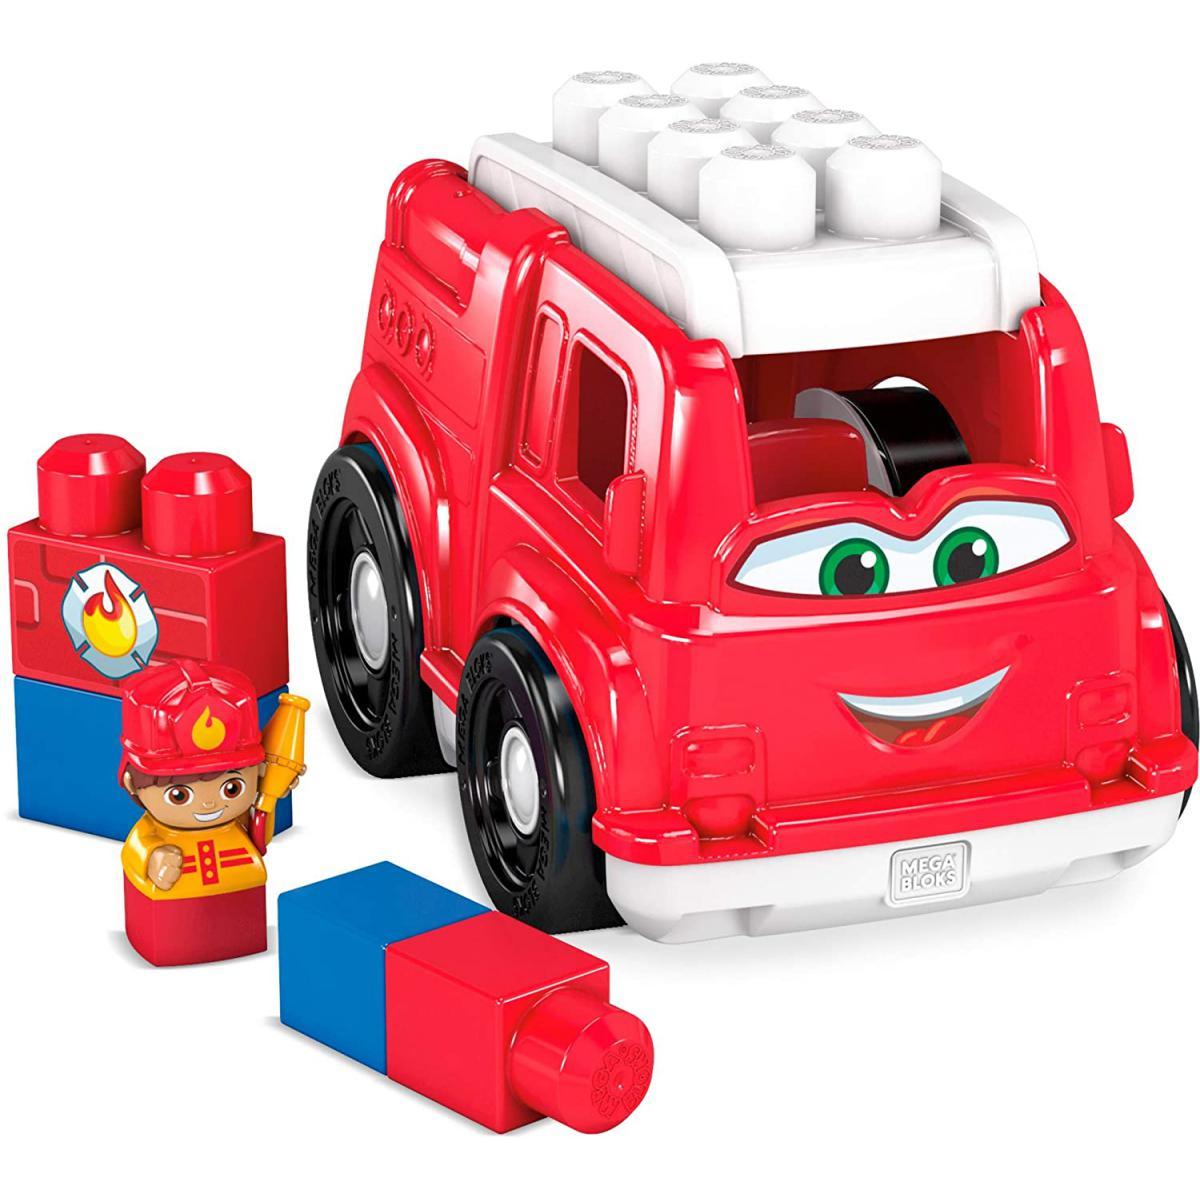 MEGA BLOKS Camion de Pompiers de blocs de construction de 6 pièces pour bébé et enfant de 1 à 5 ans